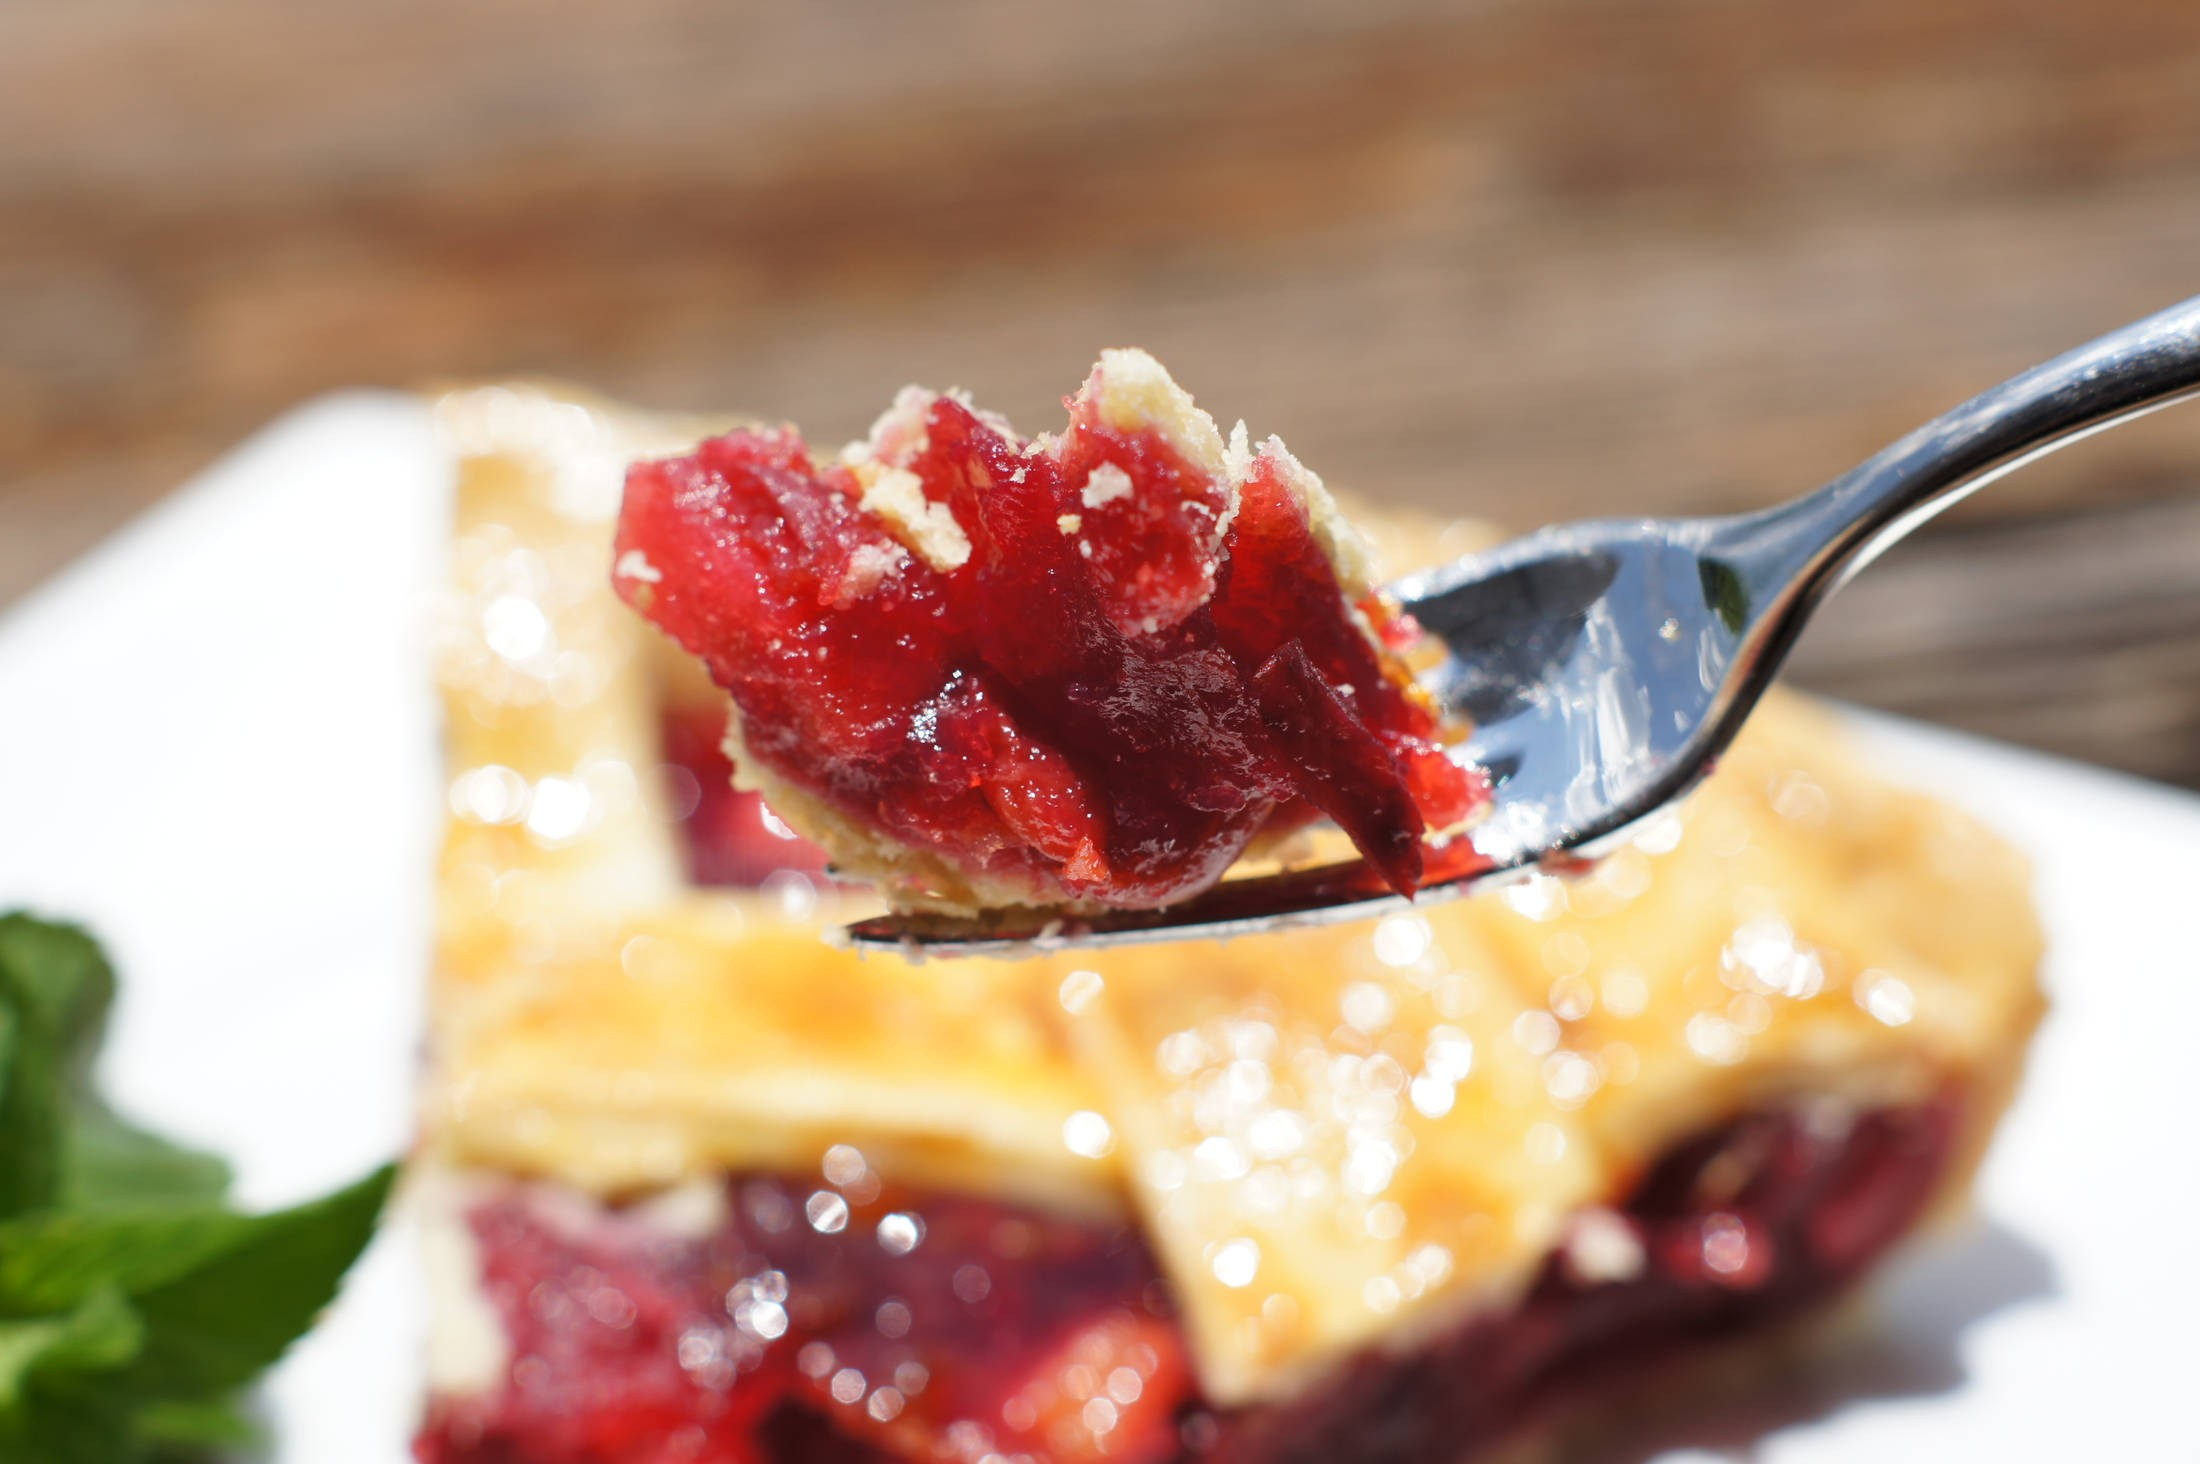 Tarta De Cerezas Cherry Pie Una Receta Tradicional Muy Buena